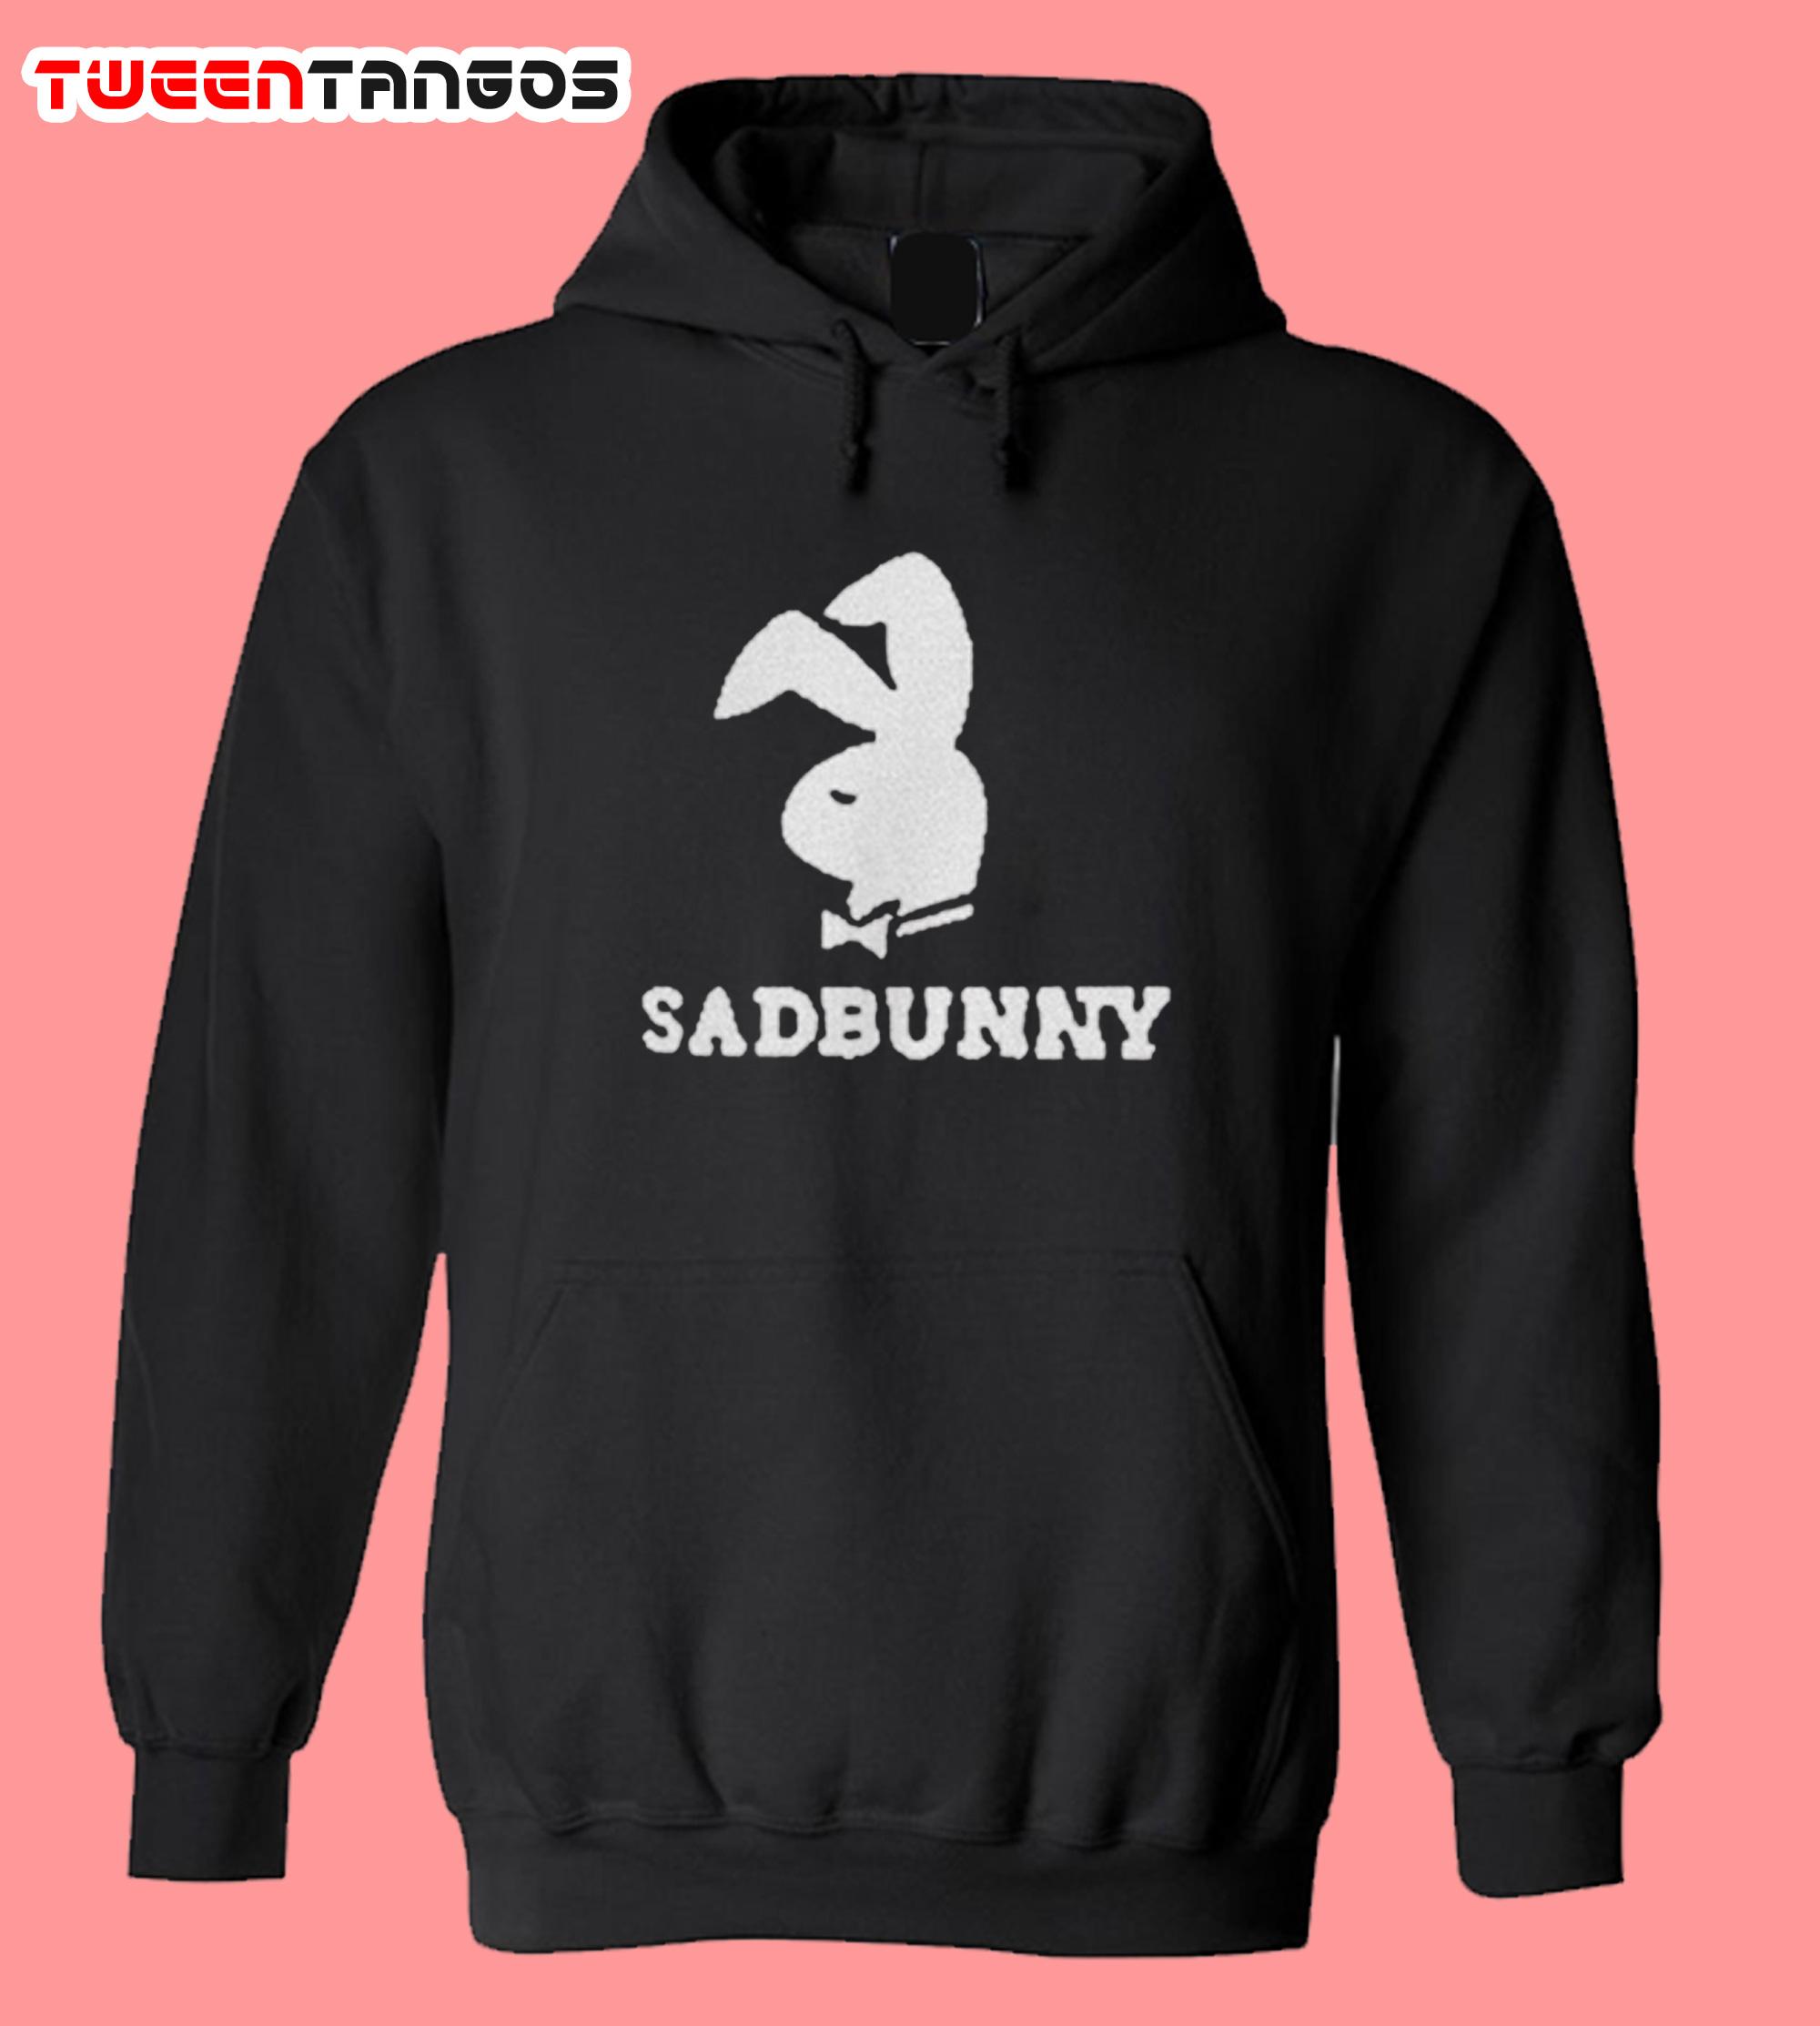 Billie Eilish Playboy Sad Bunny Hoodie Today S Trend